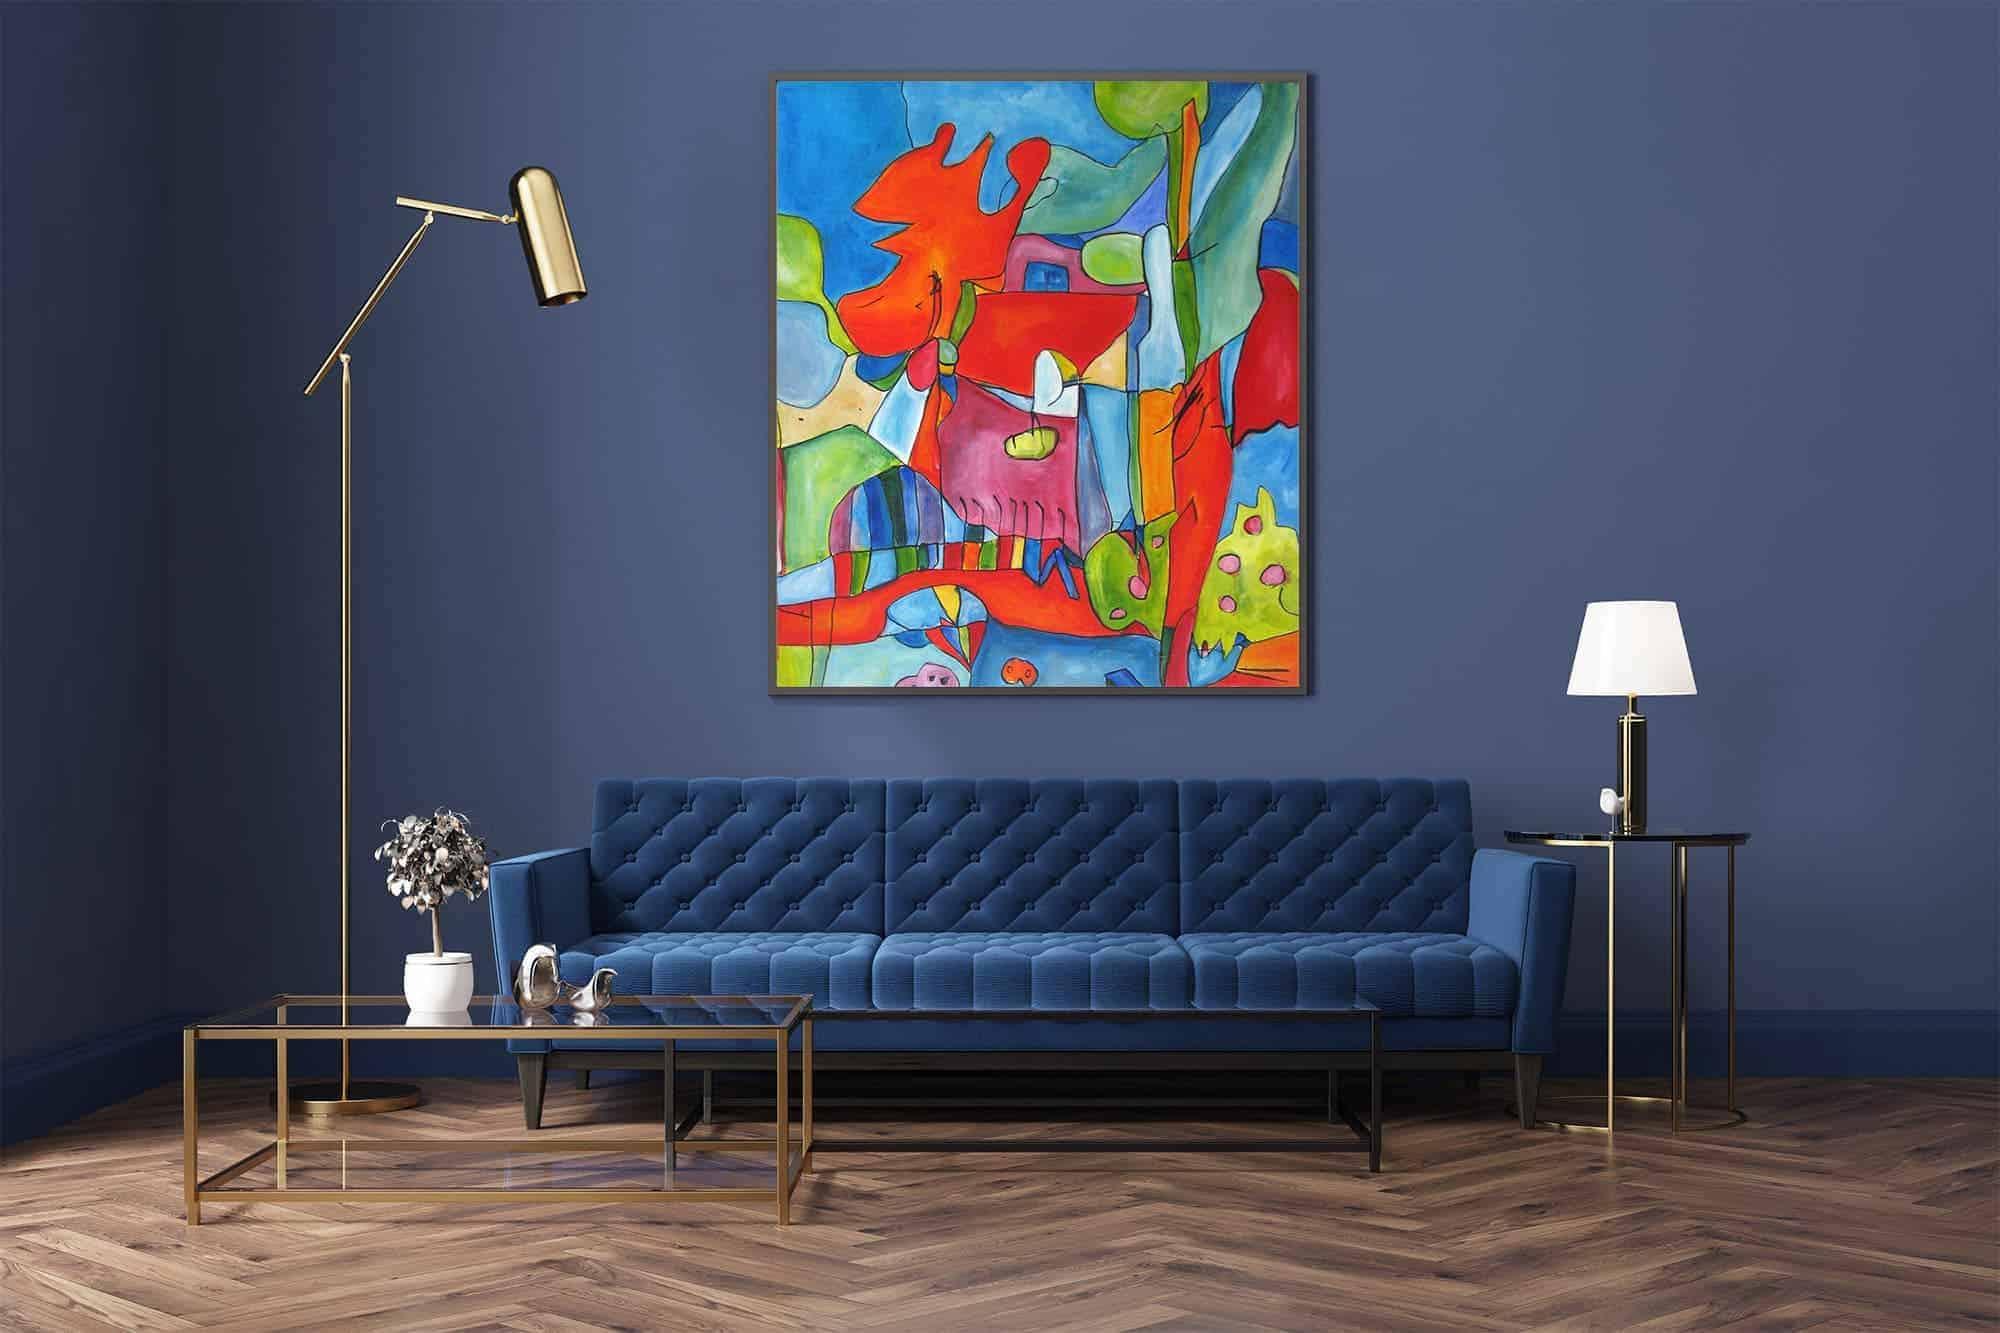 Lesen Sie wie Sie Bilder richtig aufhängen und wie Ihre Wohnatmosphäre entscheidend gestalten. 11 Tipps für das Wohnen mit Kunst.